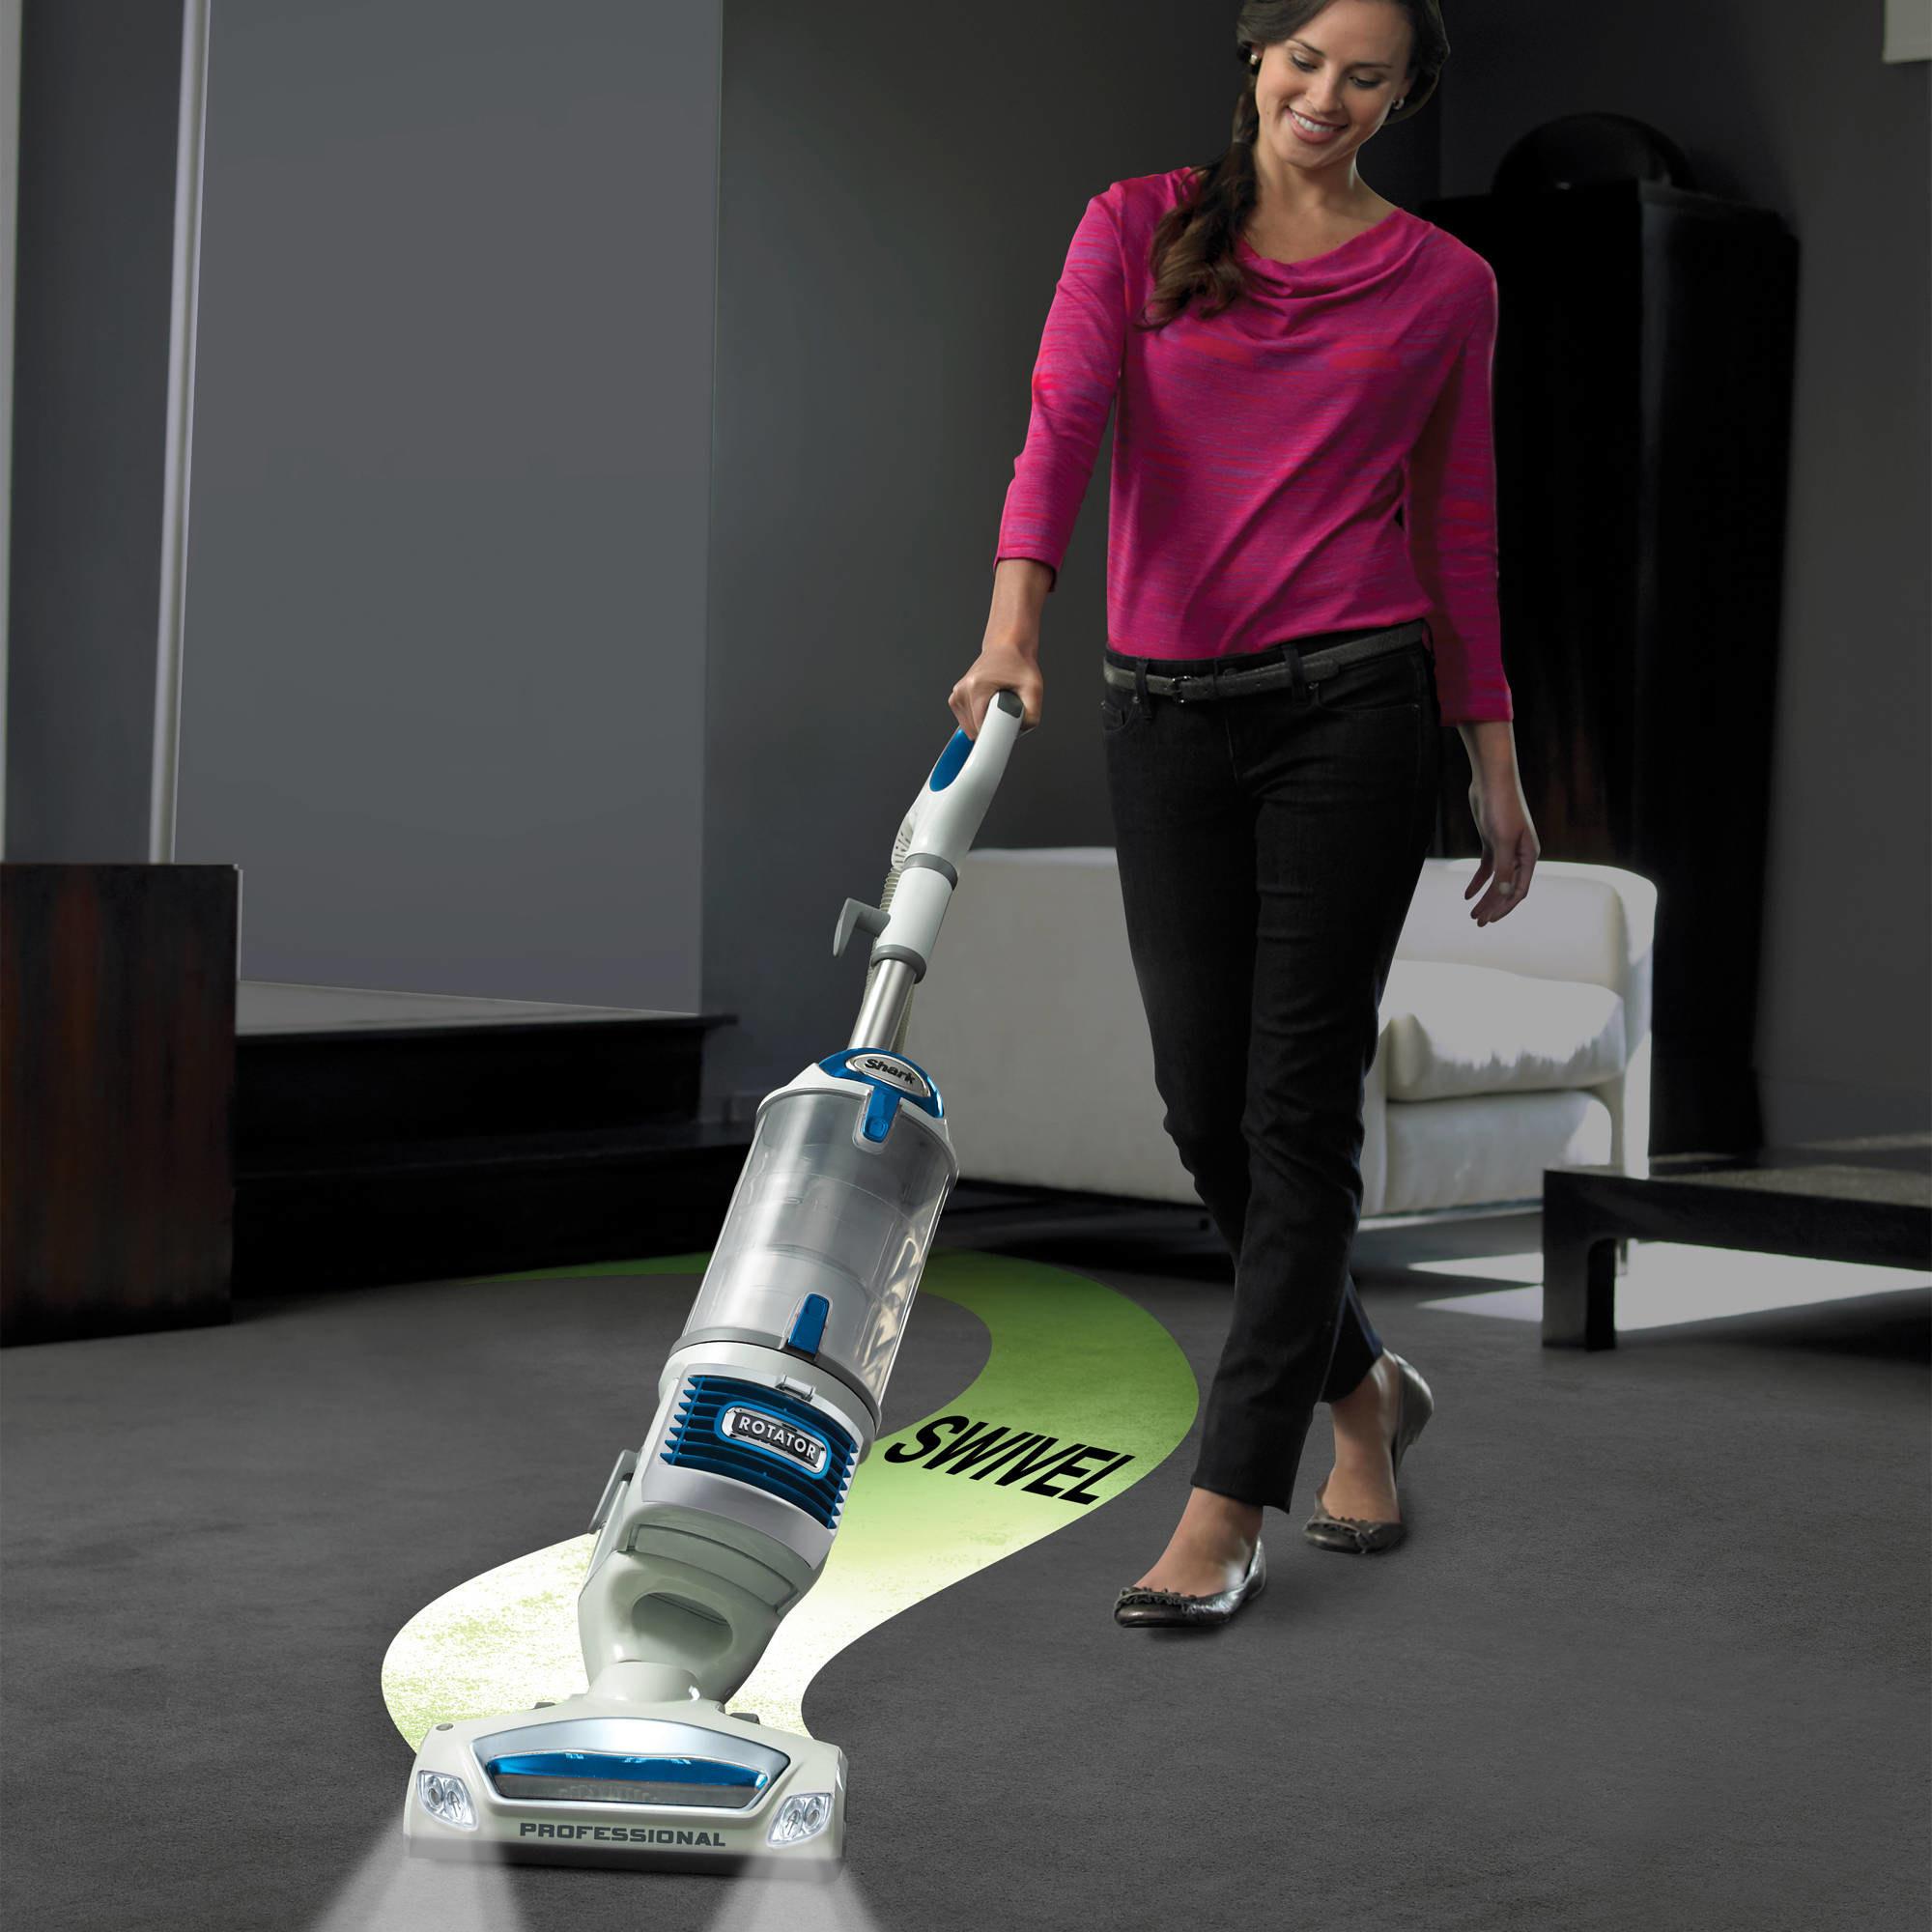 model using vacuum